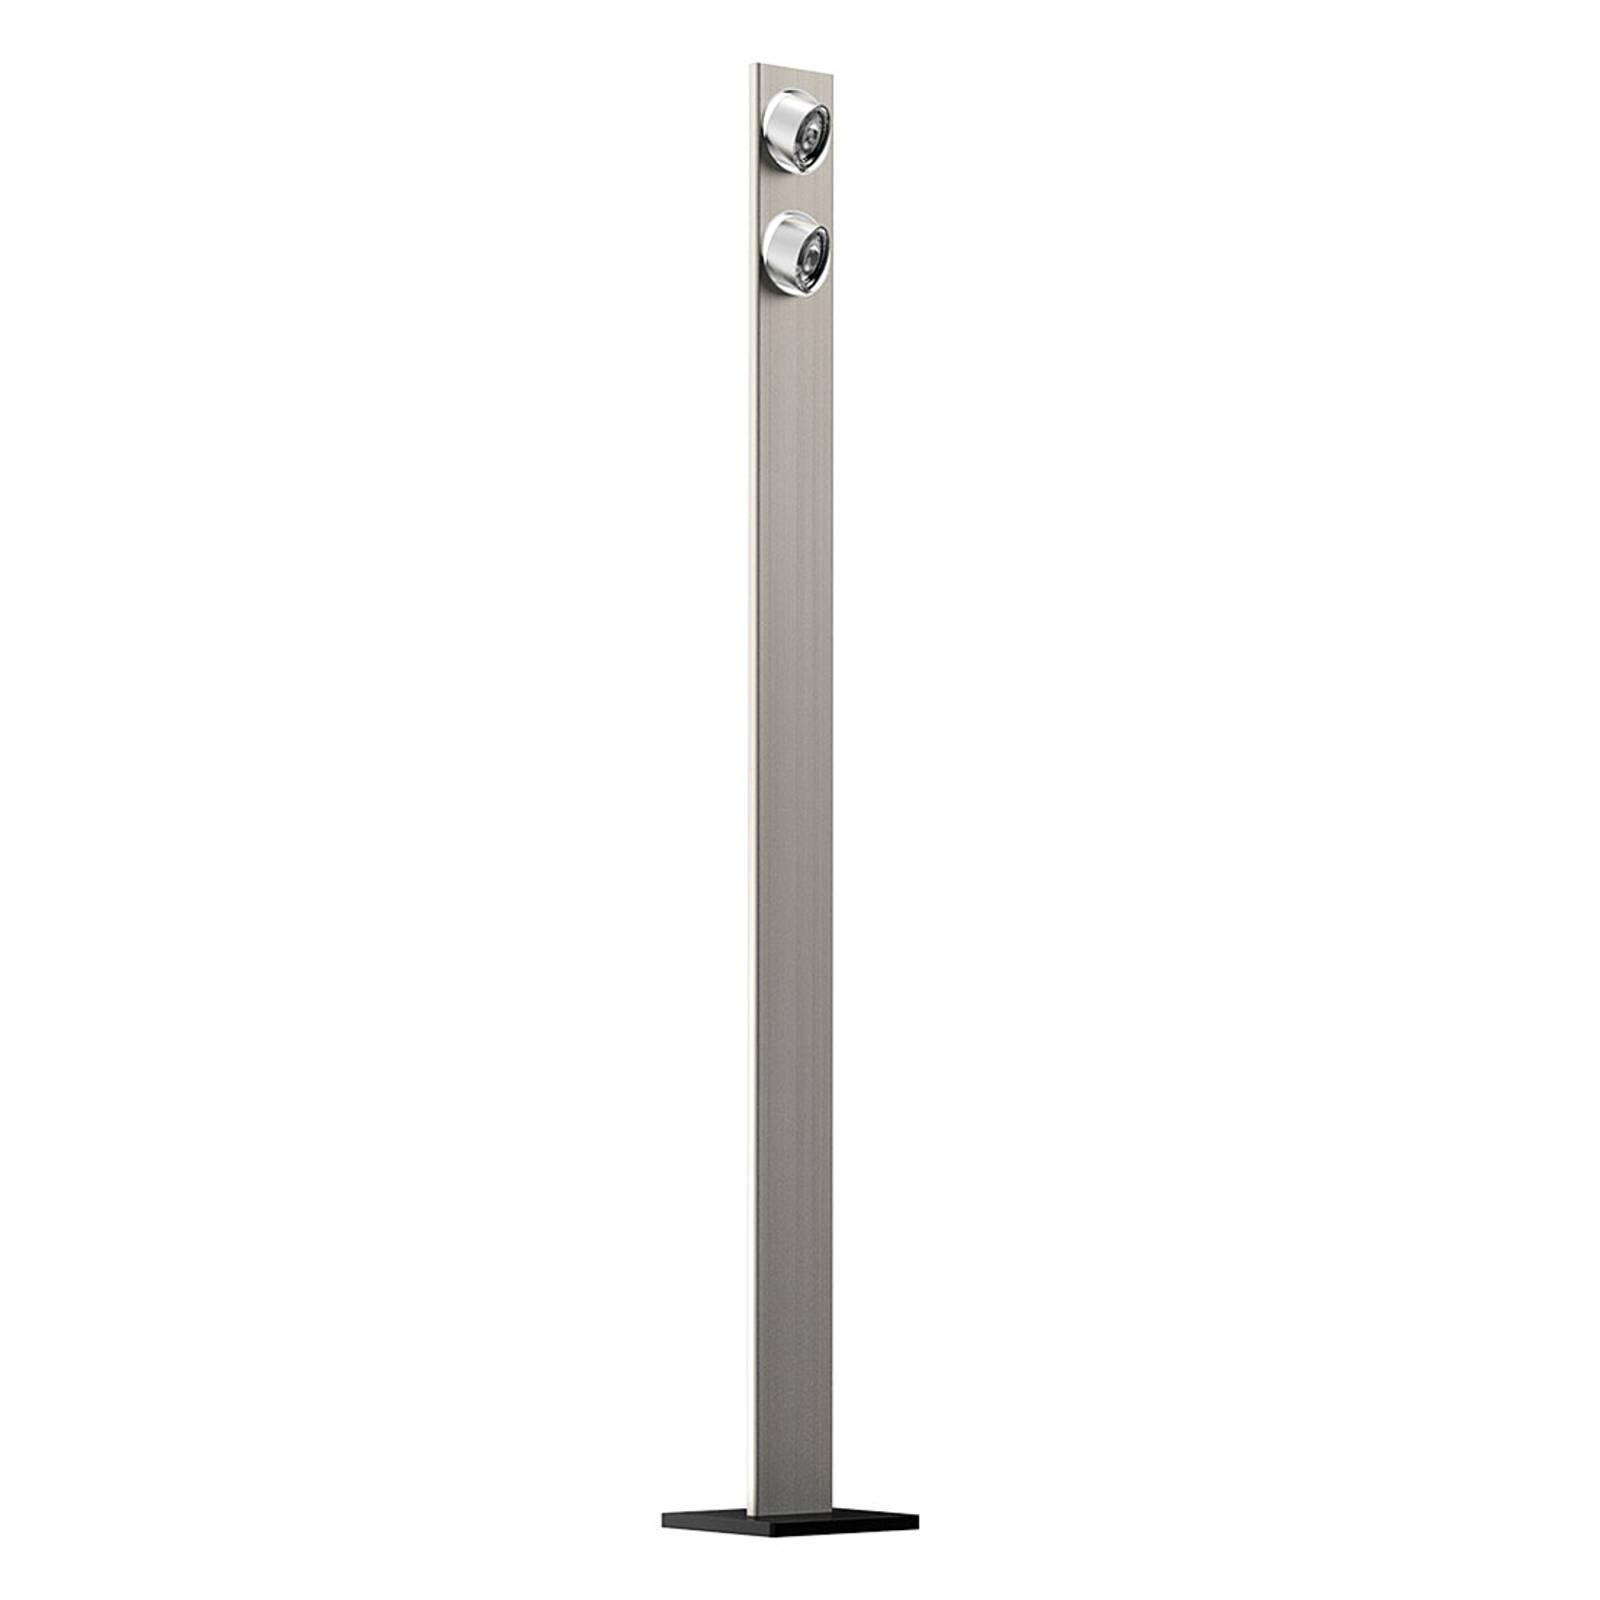 LED-Stehleuchte Light Wave mit Touchdimmer